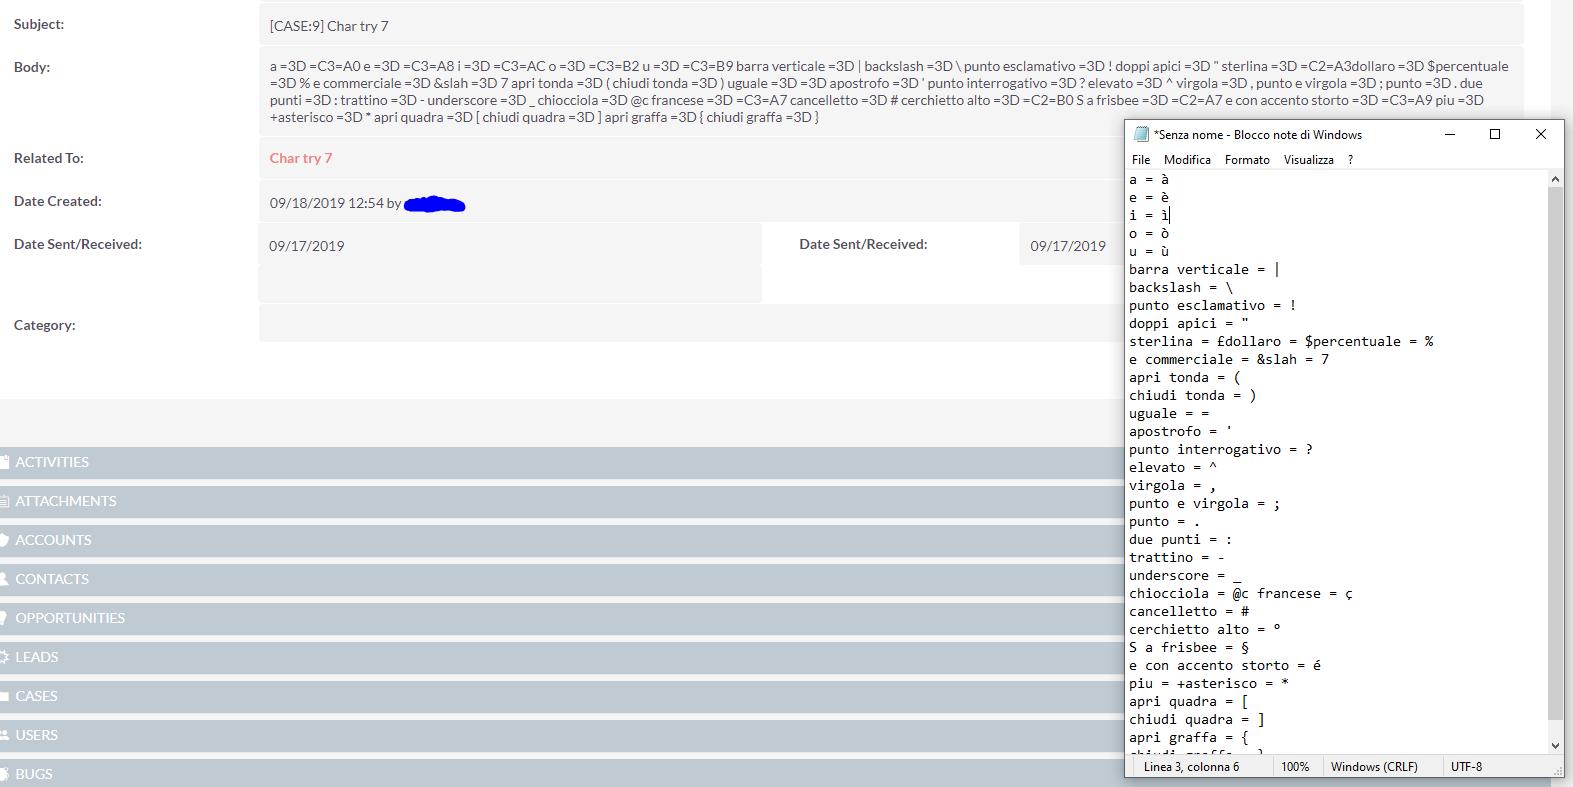 online in vendita nuovi stili scarpe da ginnastica Inbound email body contains utf8 hex code instead of real char ...